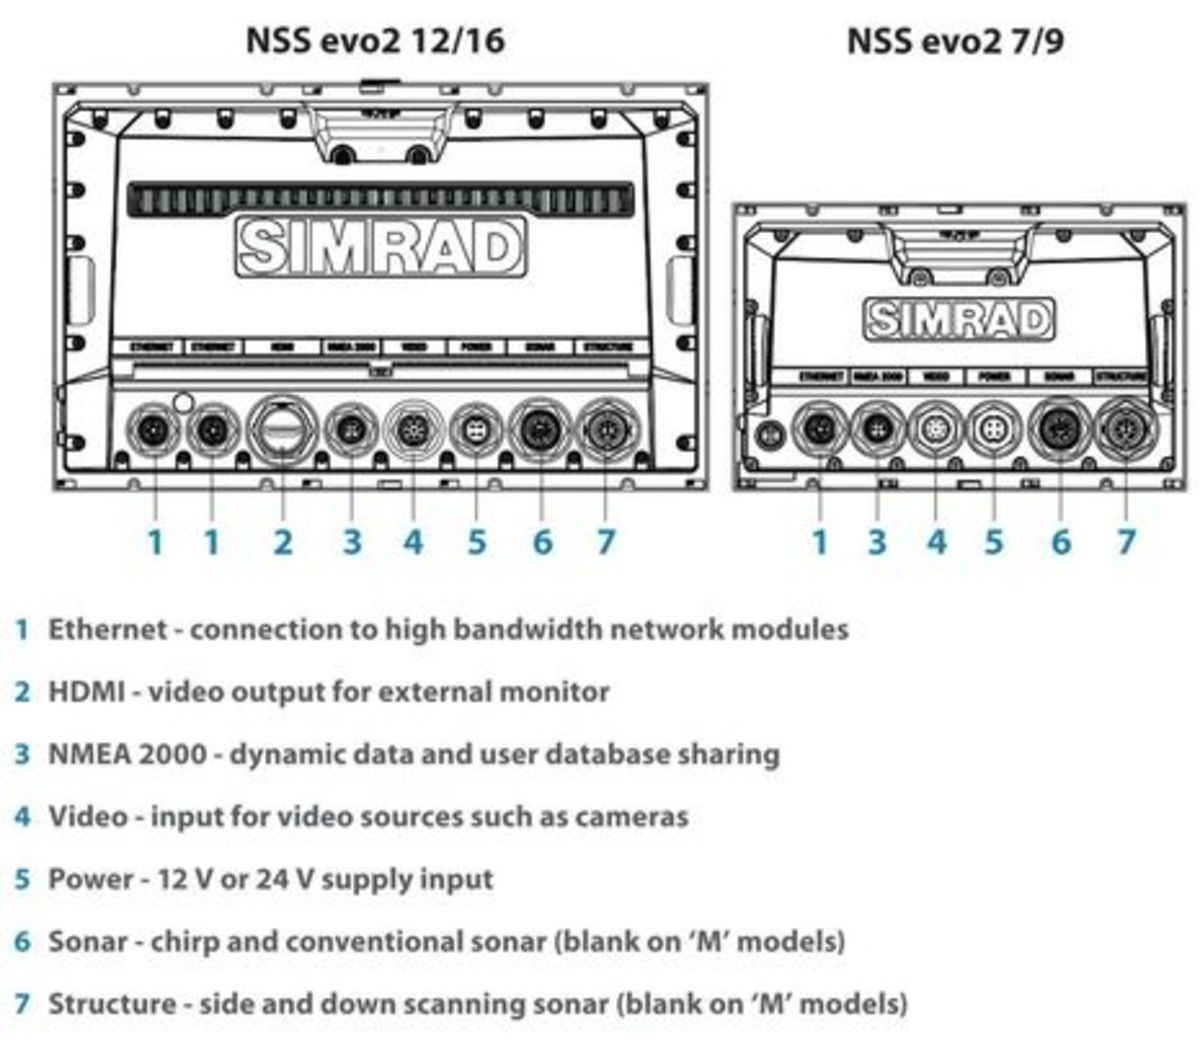 Simrad_NSS_evo2_rear_view_ports_cPanbo.jpg